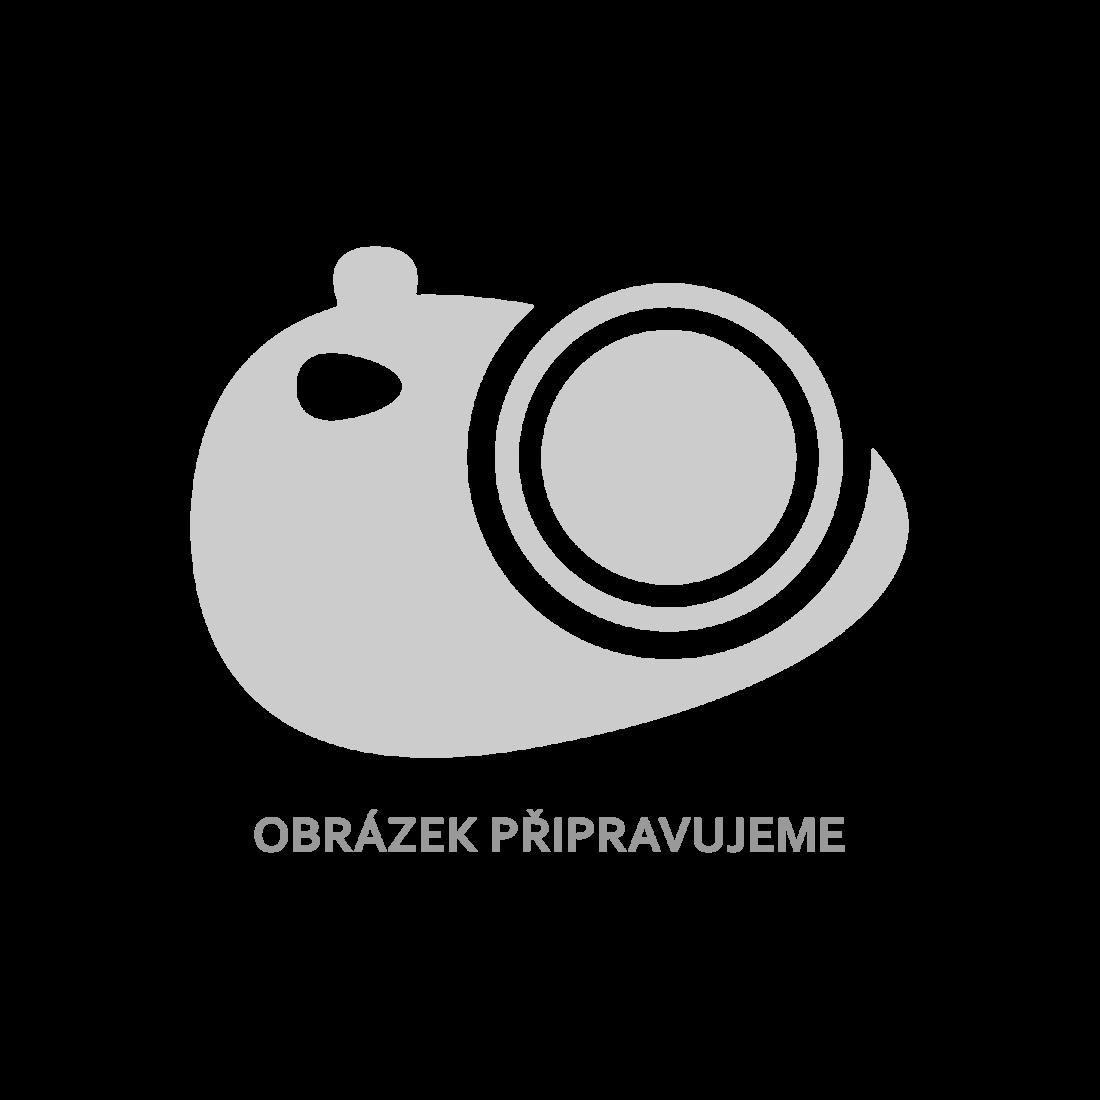 vidaXL Koupelnová skříňka betonově šedá 30 x 30 x 95 cm dřevotříska [802592]